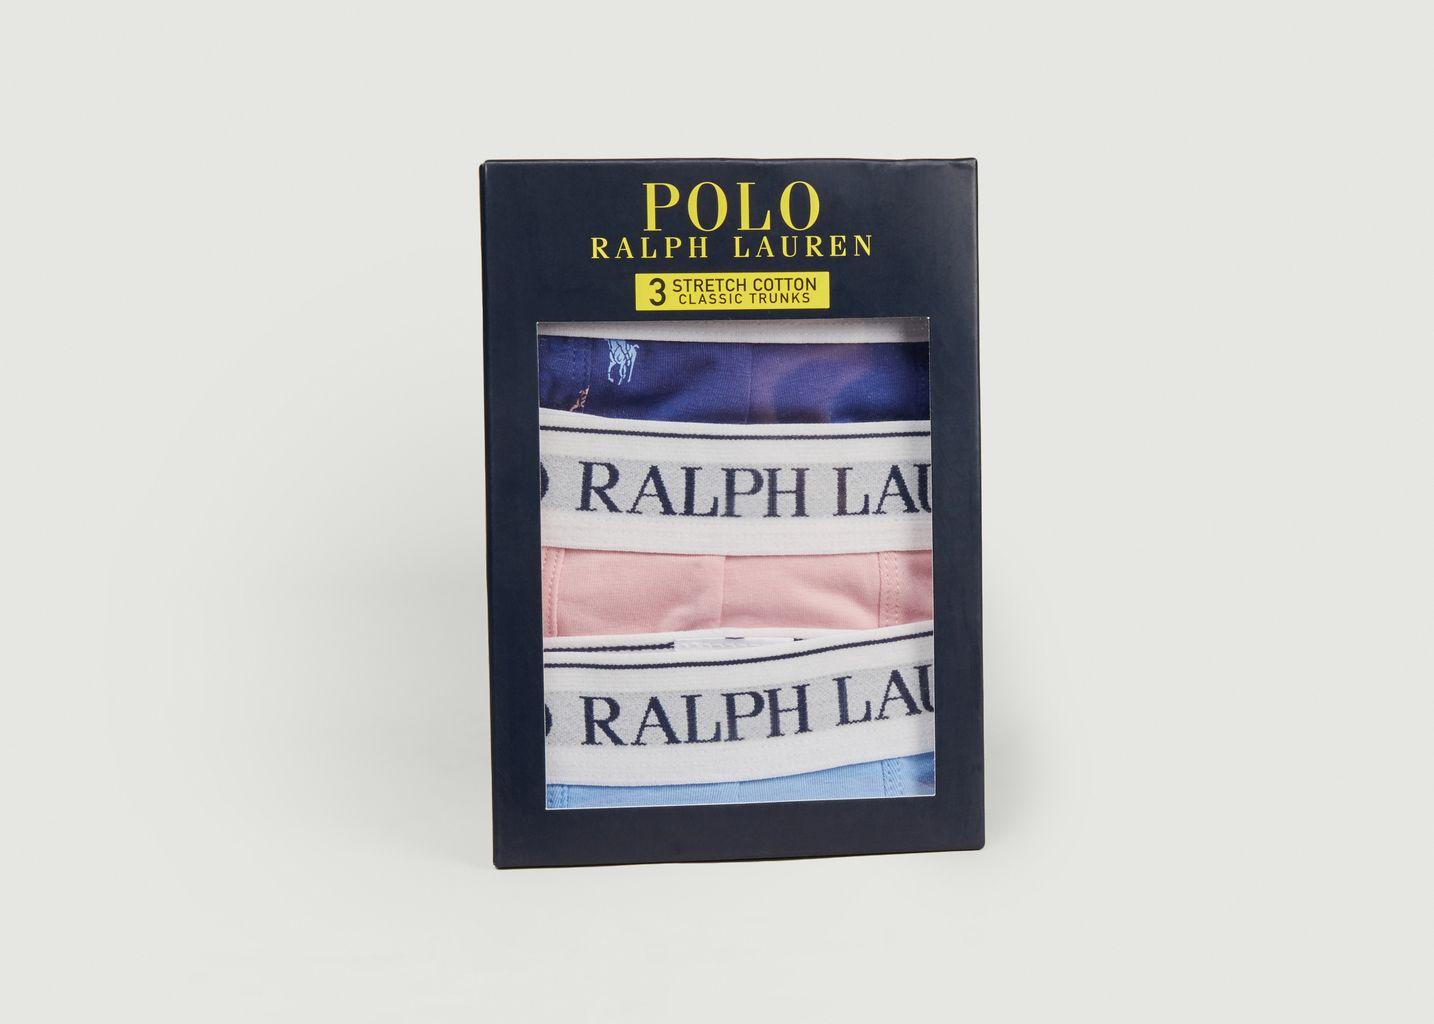 Pack de 3 boxers - Polo Ralph Lauren